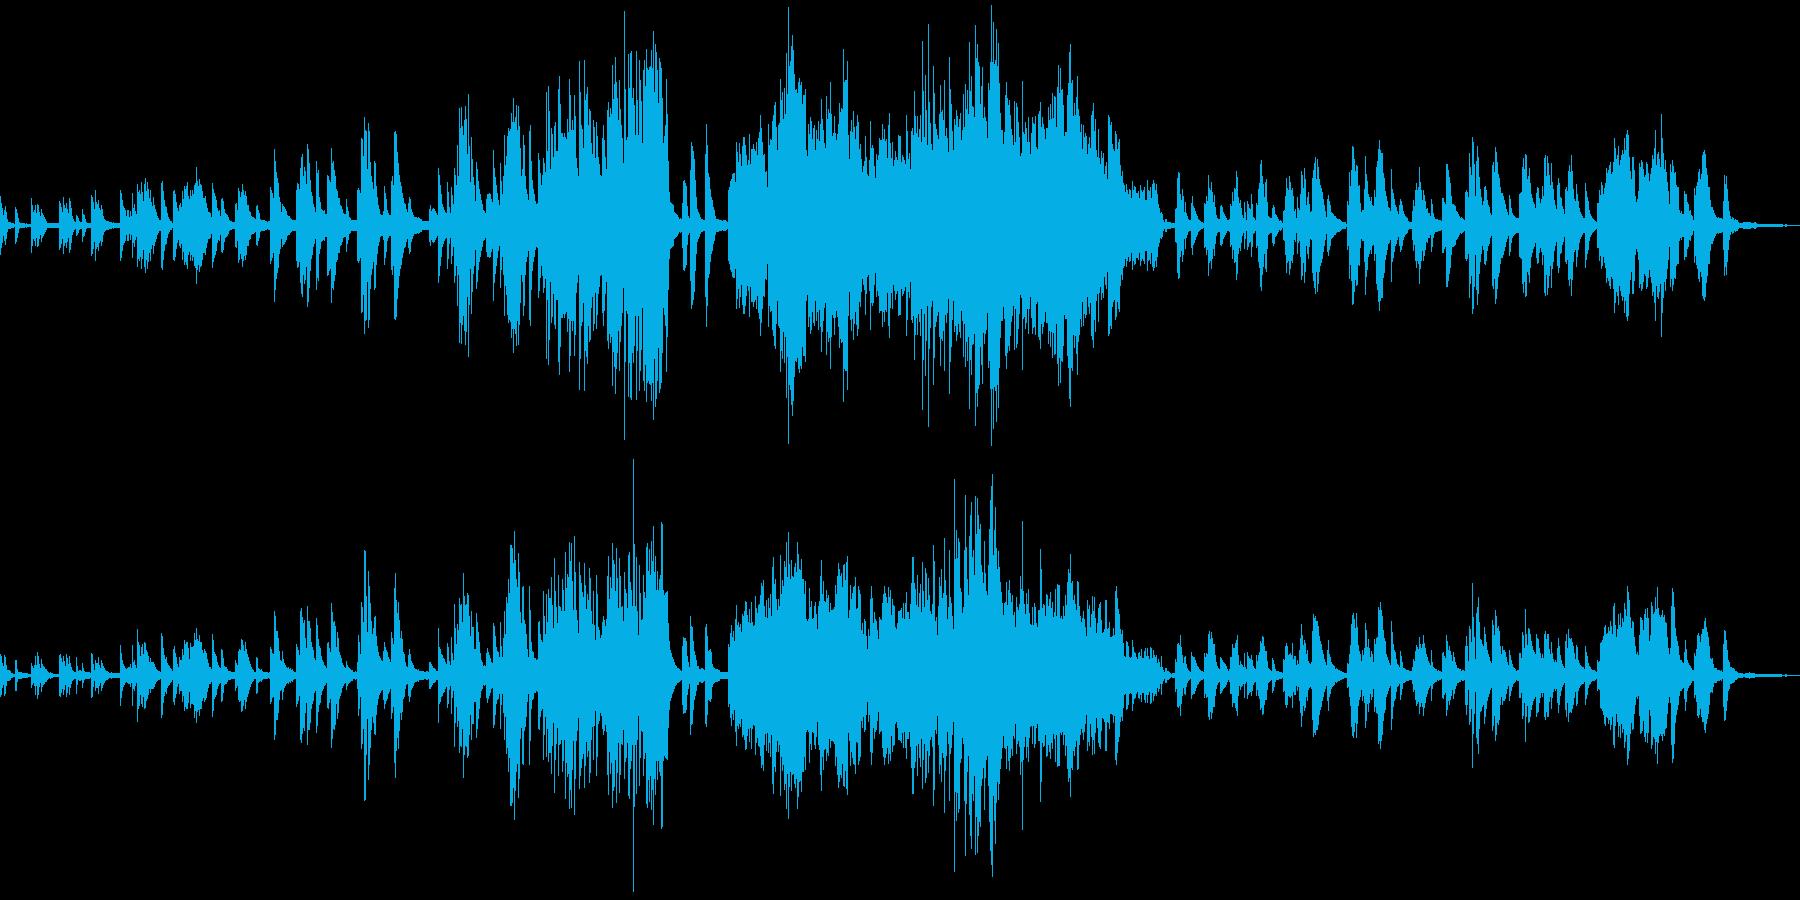 ドビュッシー 月の光 ピアノソロの再生済みの波形